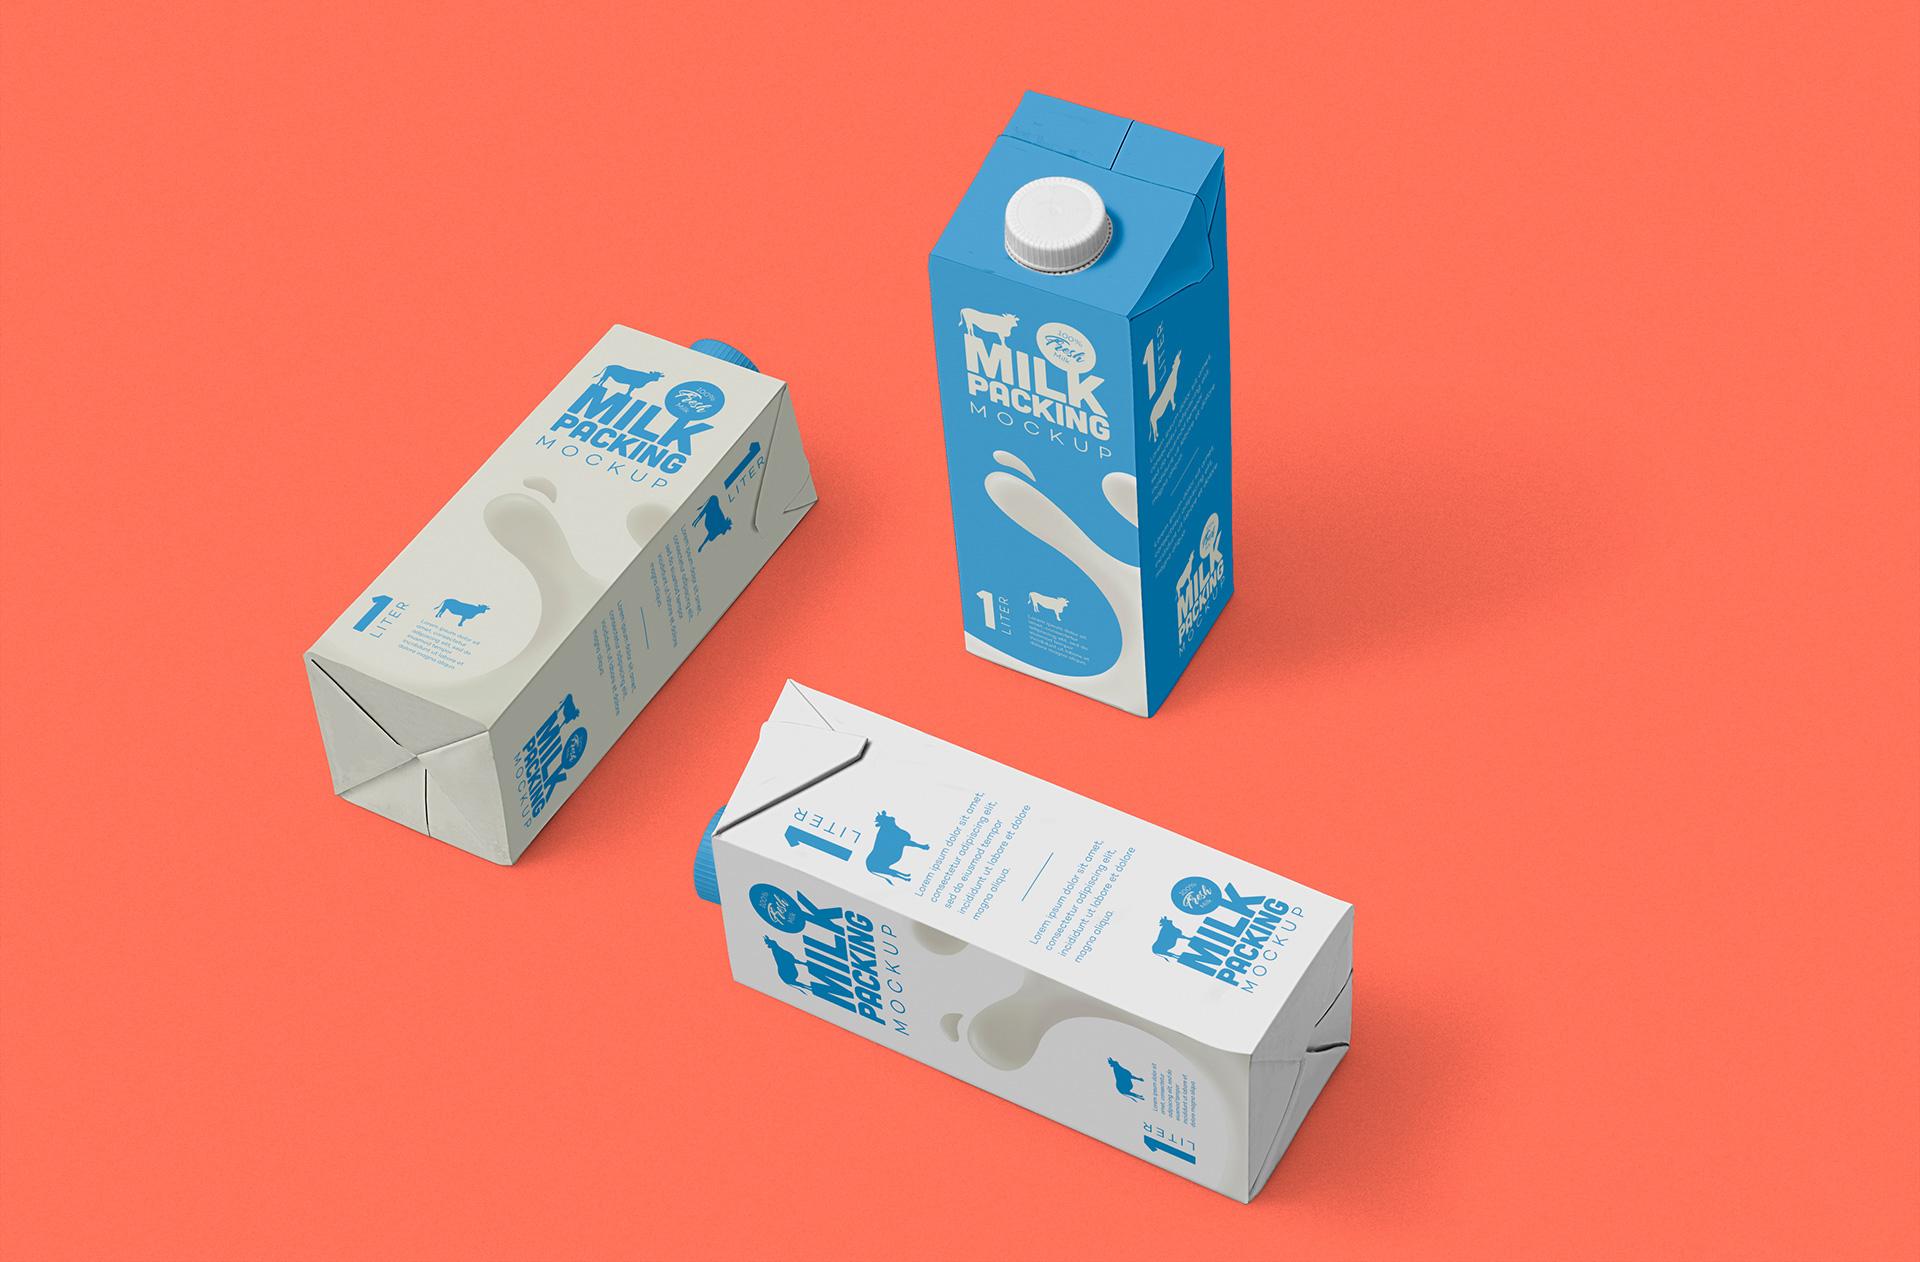 罐装牛奶盒包装设计样机模板 Milk Carton Mockup插图(2)